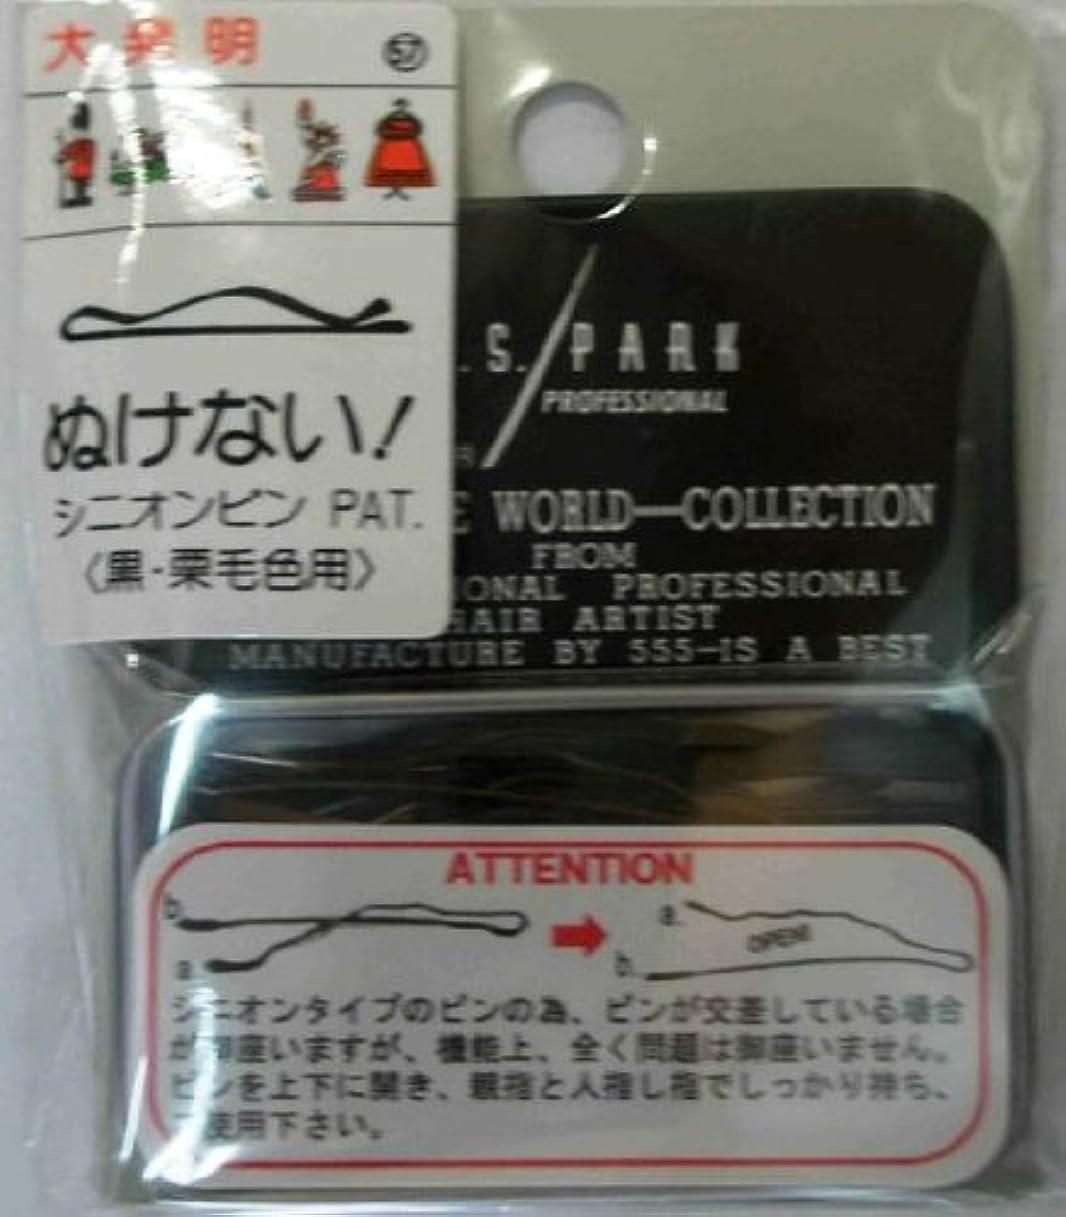 地雷原職業固執Y.S.PARK世界のヘアピンコレクションNo.57(黒?栗毛色用)24P